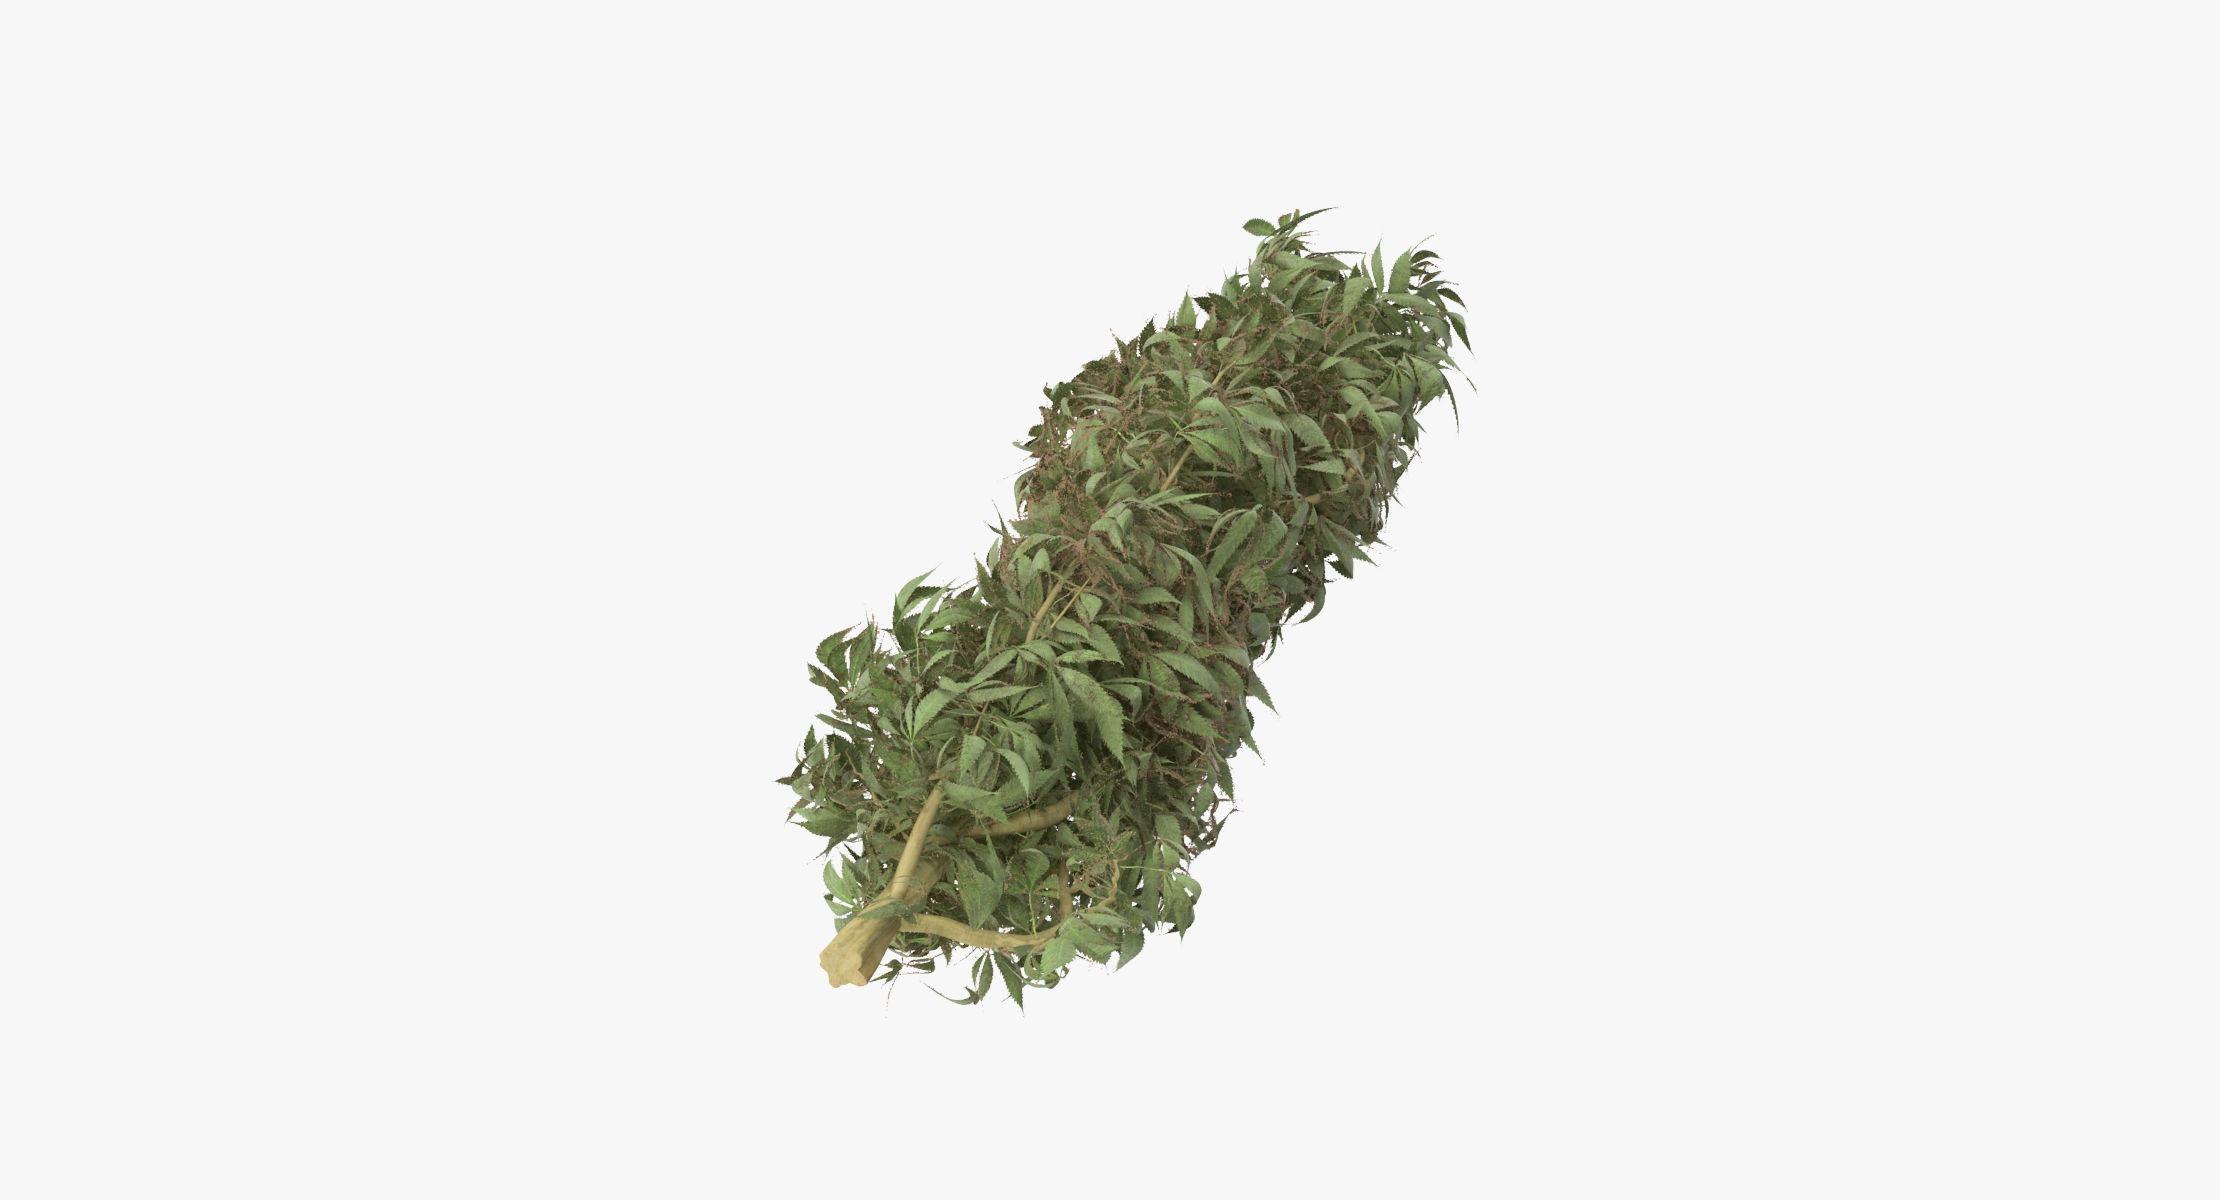 Marijuana Bud 01 01 - reel 1